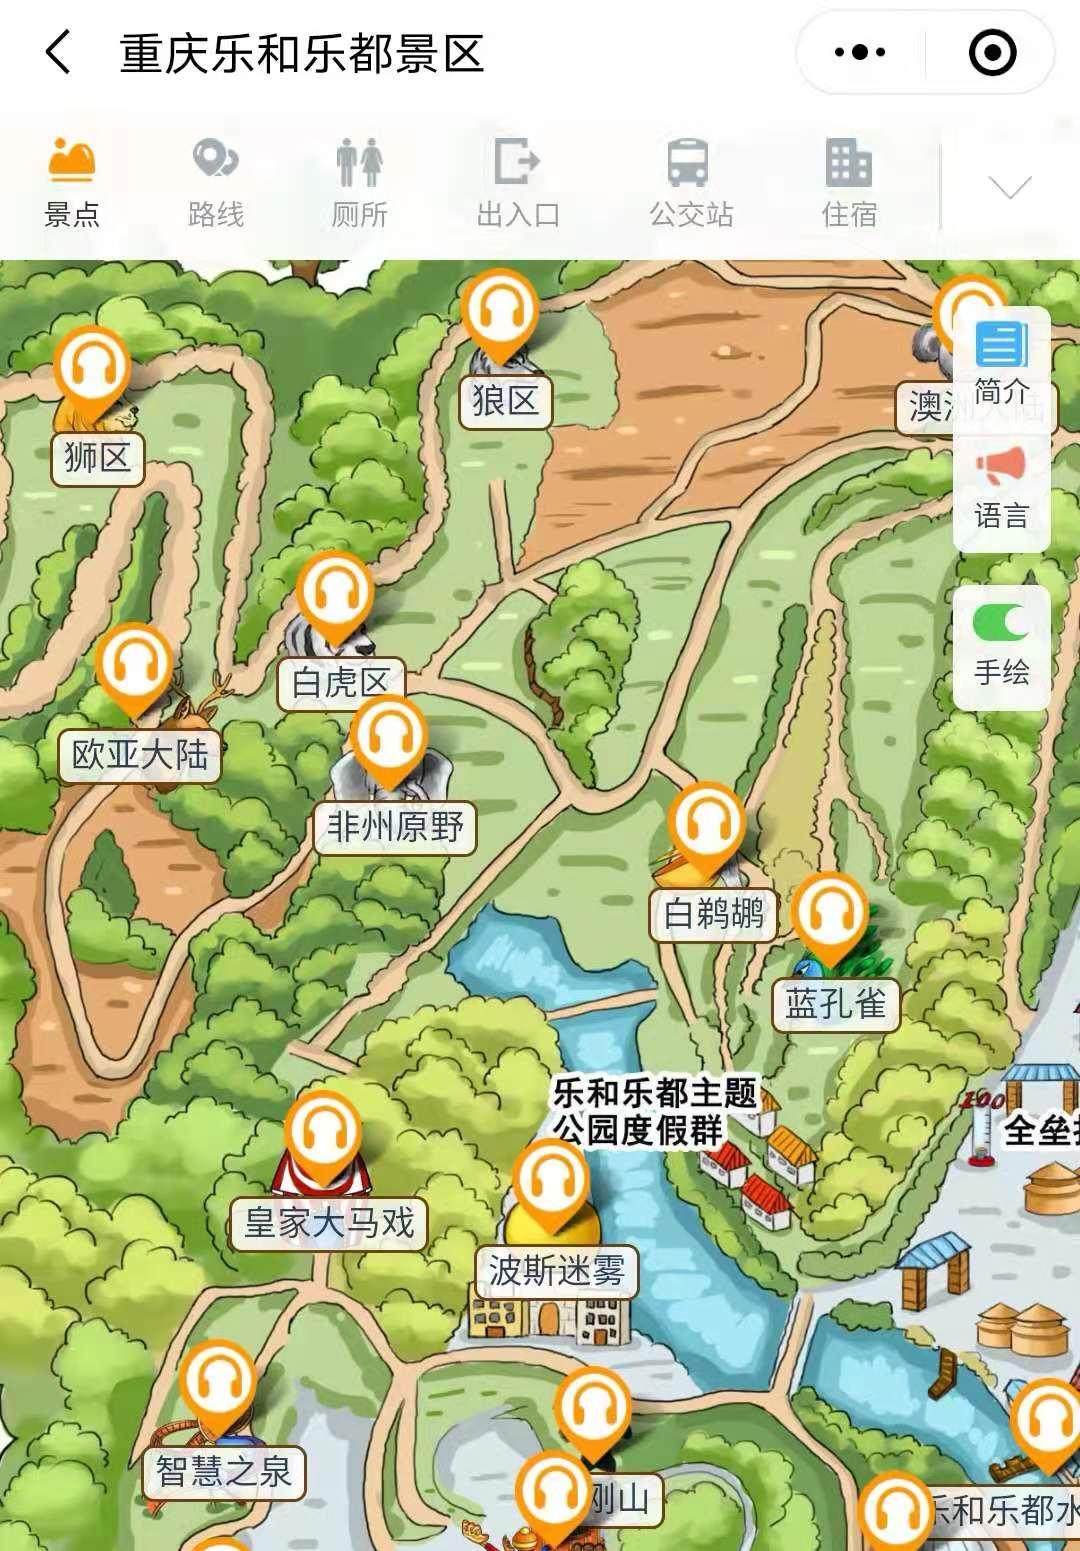 2021年乐和乐都手绘地图,电子导览,语音讲解系统上线.jpg